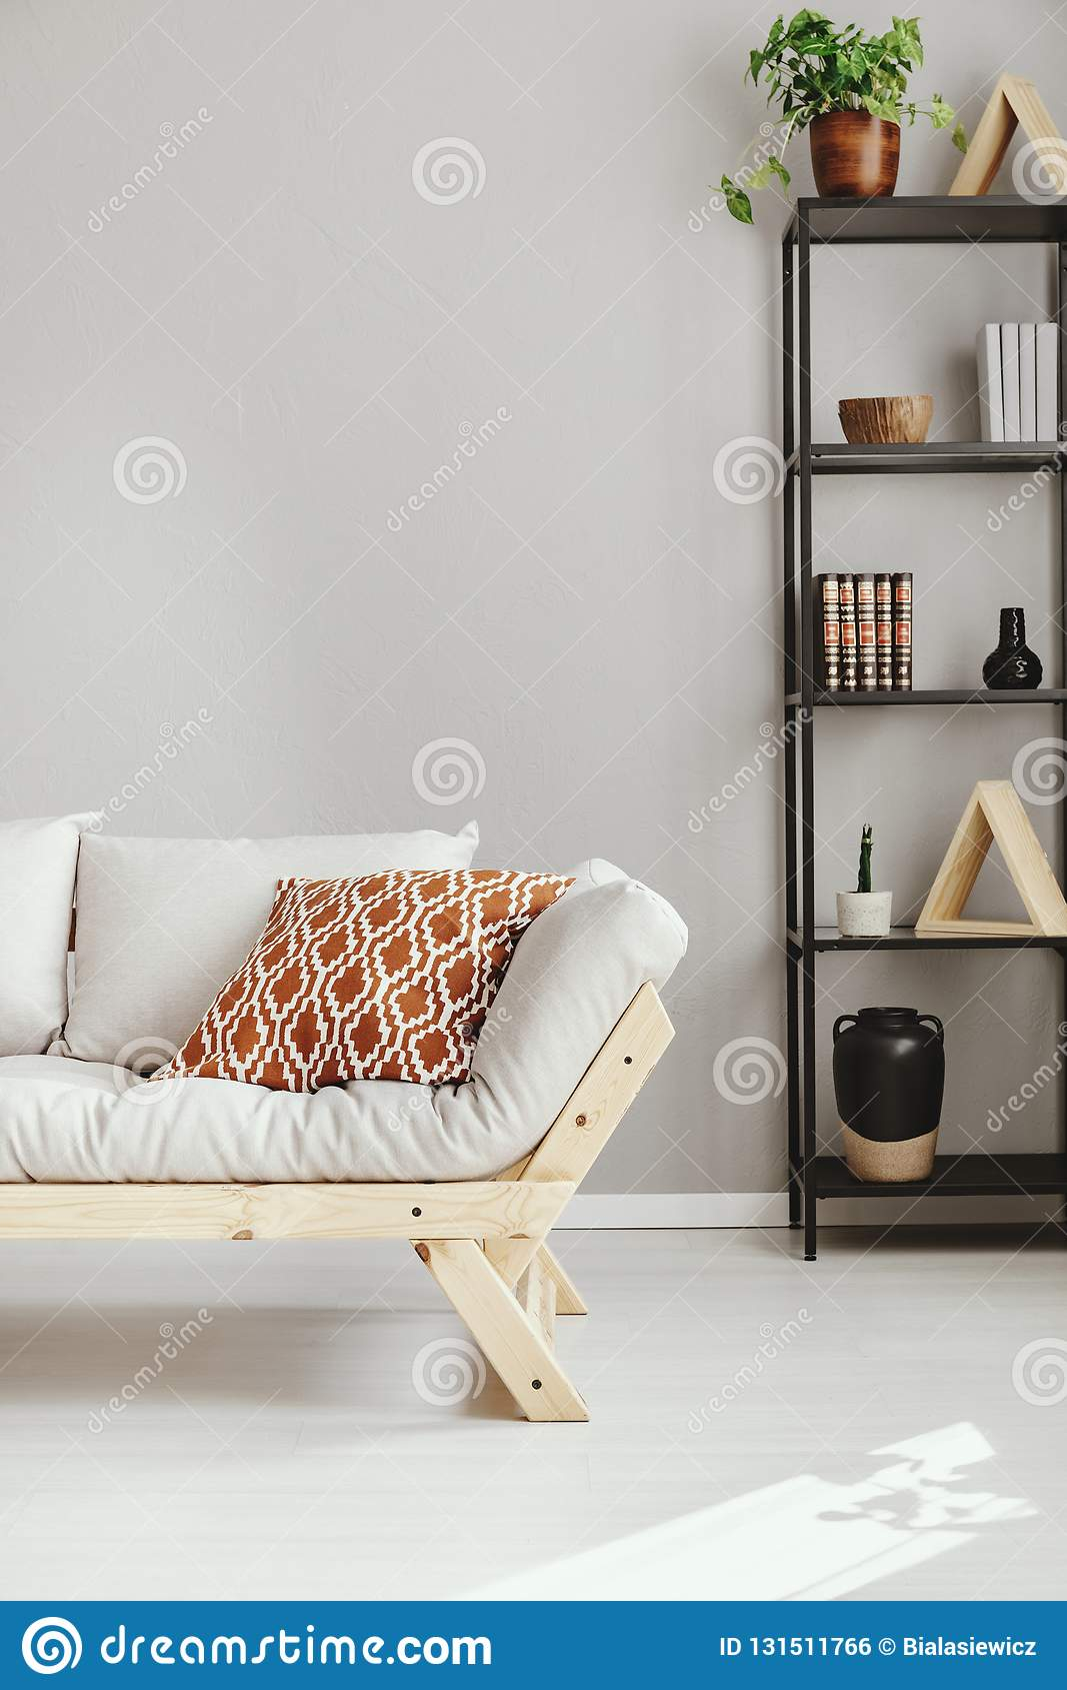 Skandinavisk soffa bredvid hylla med den olika sorten av tillbehör, verkligt foto med kopieringsutrymme